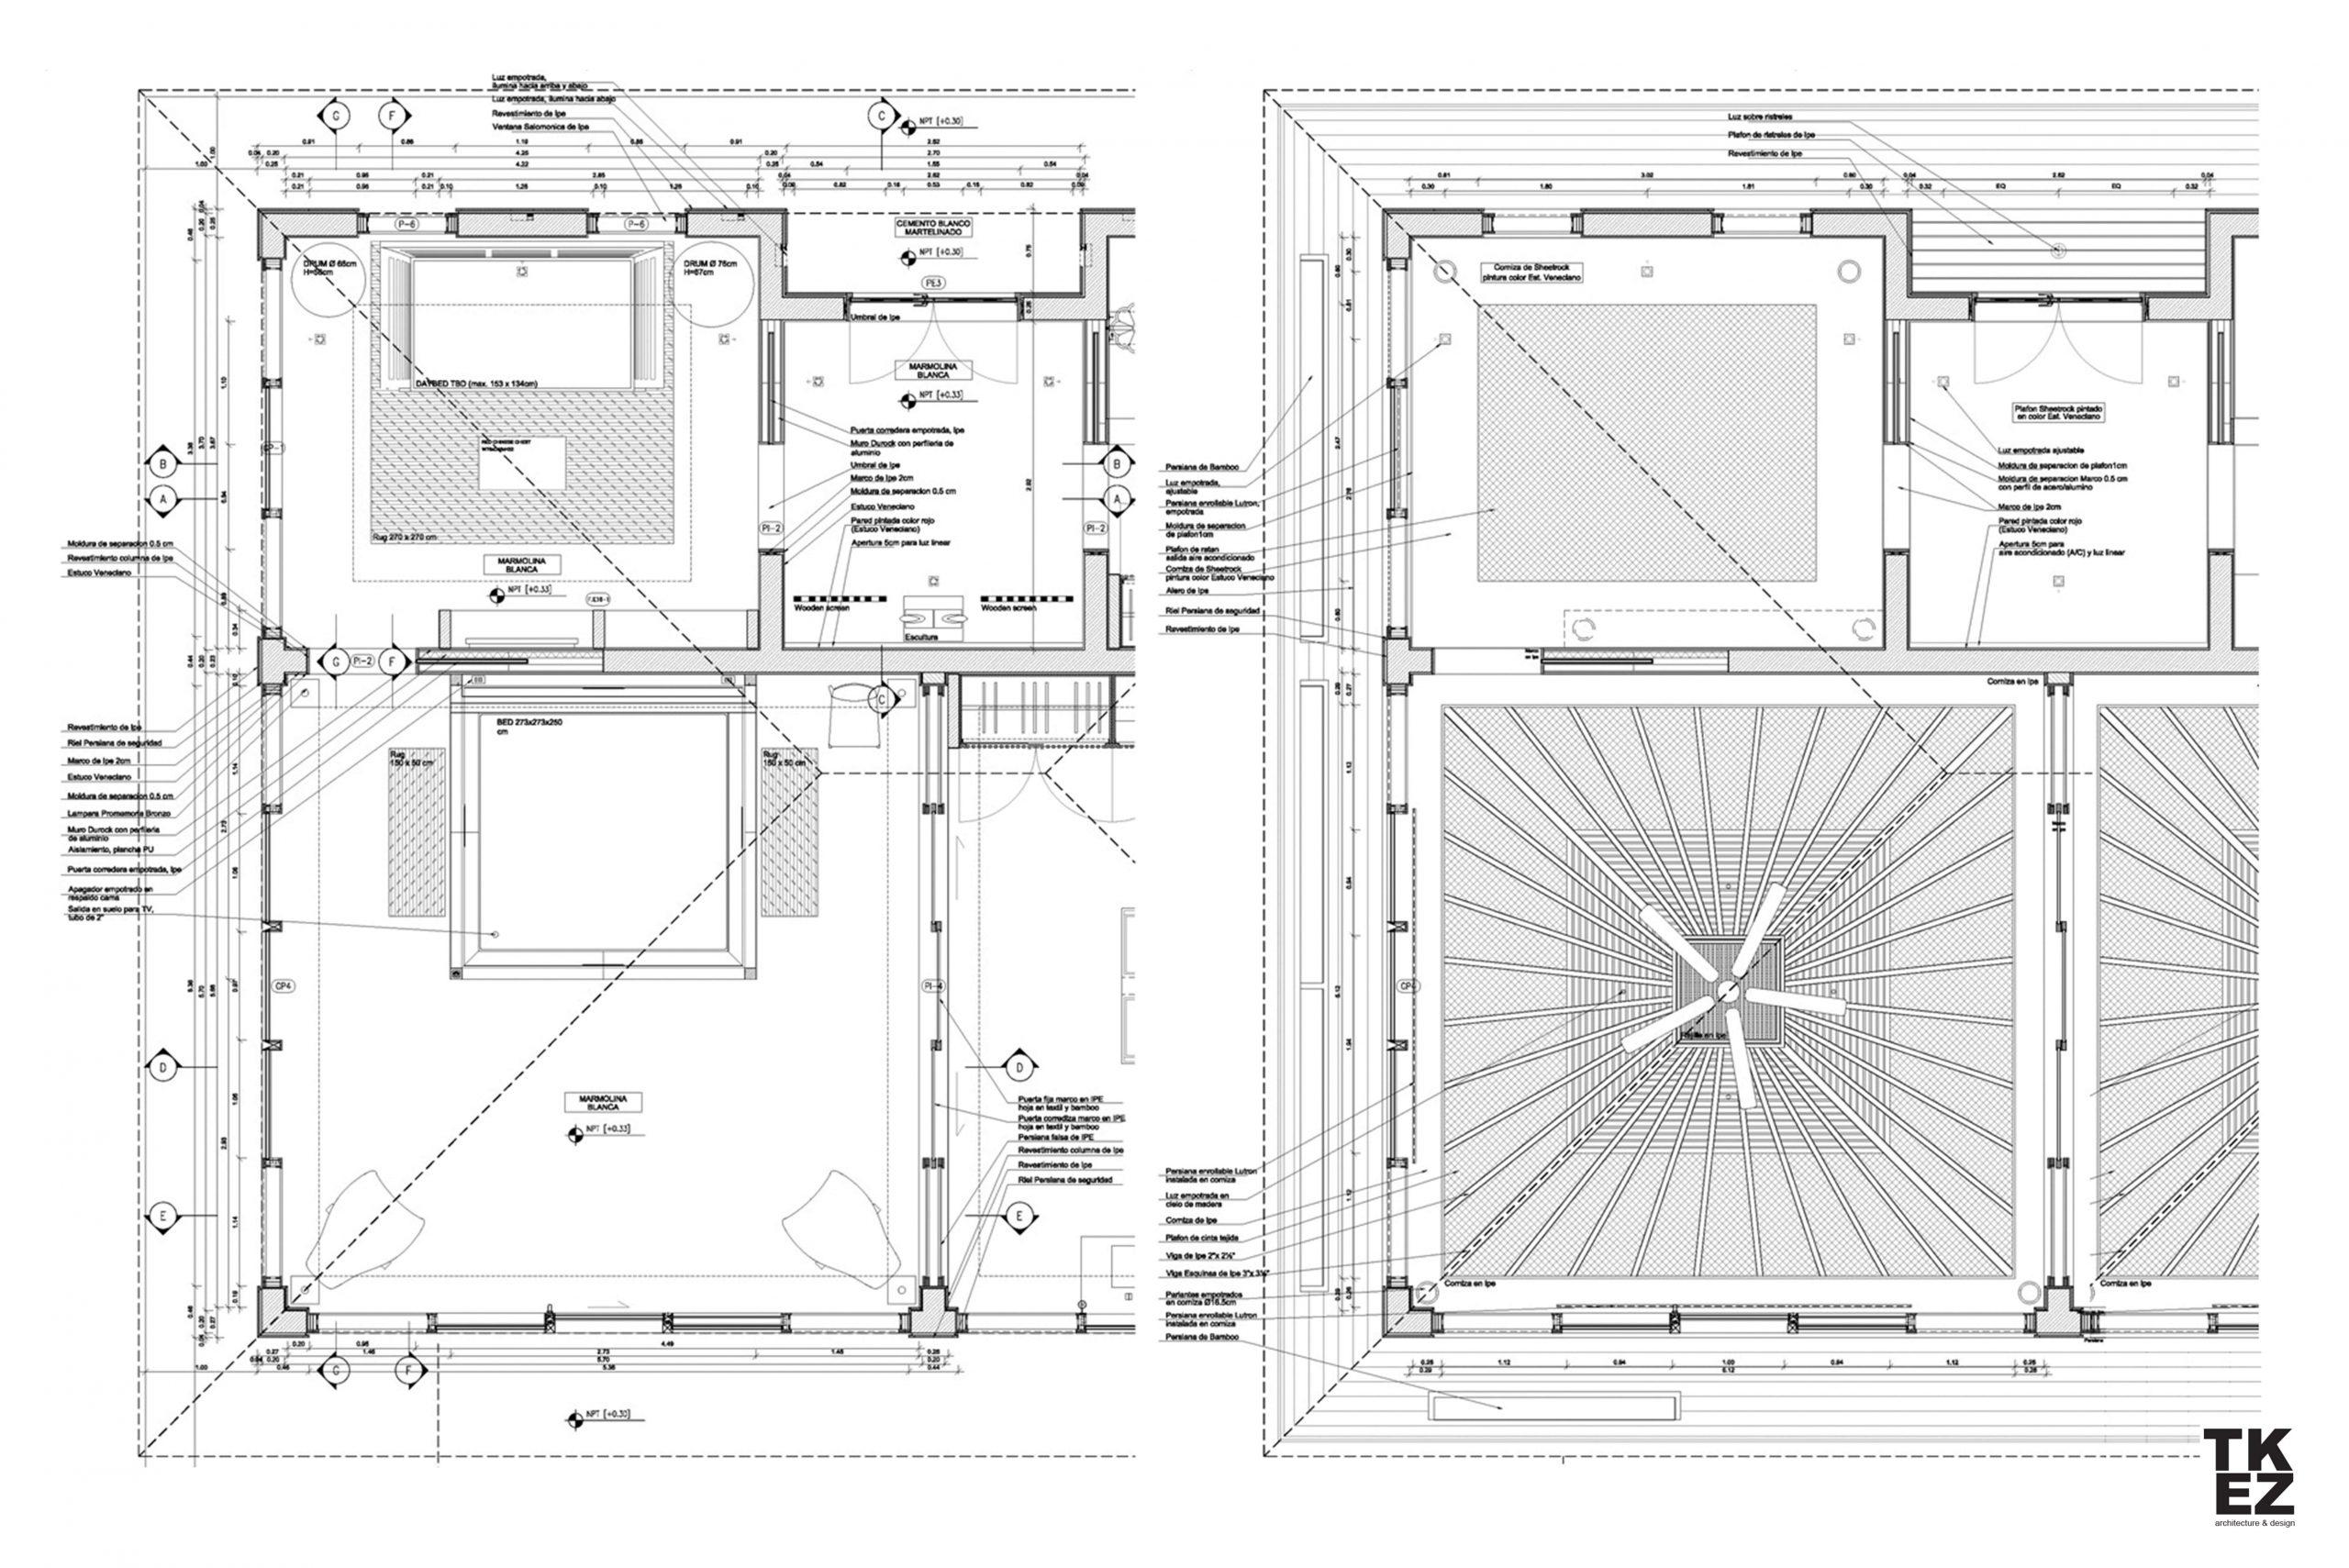 Exklusive Wohnresidenz Architekturbüro TKEZ Architekten Aufriss Plan